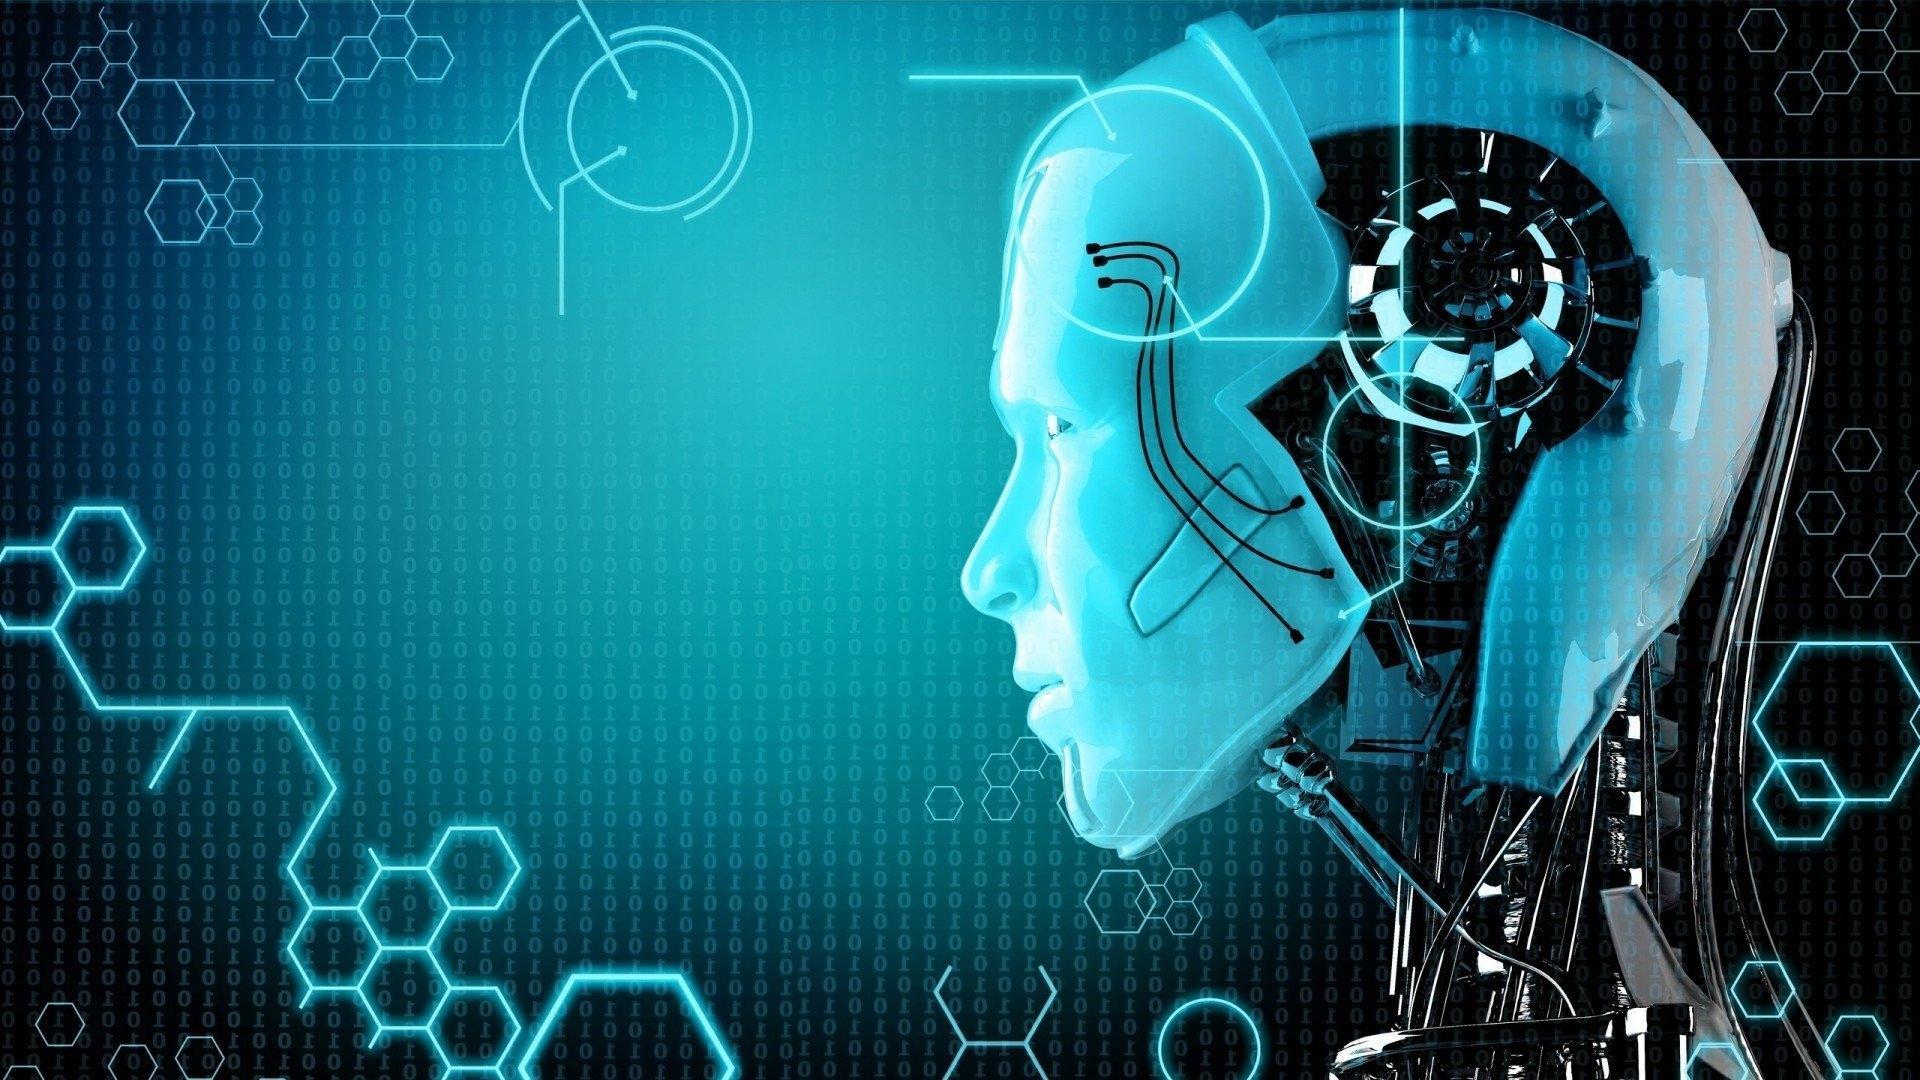 ВСША агрессивный искусственный интеллект распознает позы людей через стену